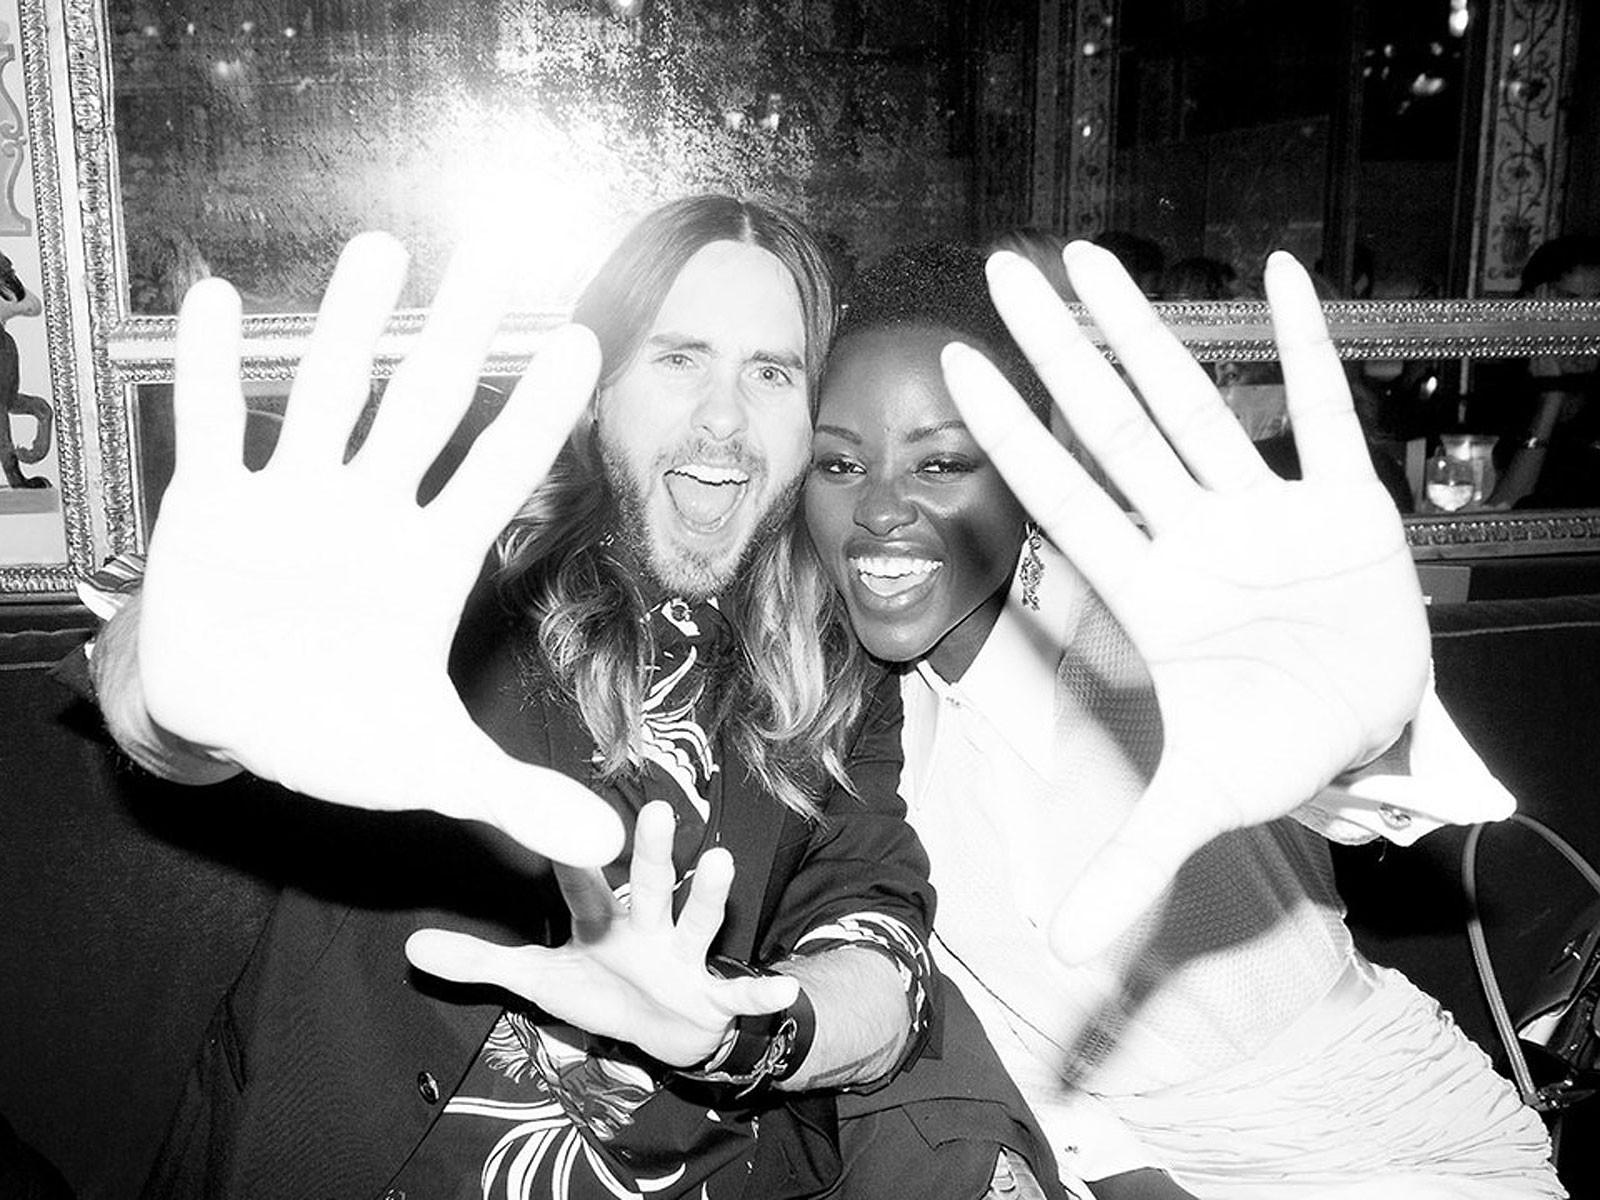 Namoro ou amizade? Fotógrafo Terry Richardson posta imagens de Jared Leto e Lupita Nyong'o em Paris